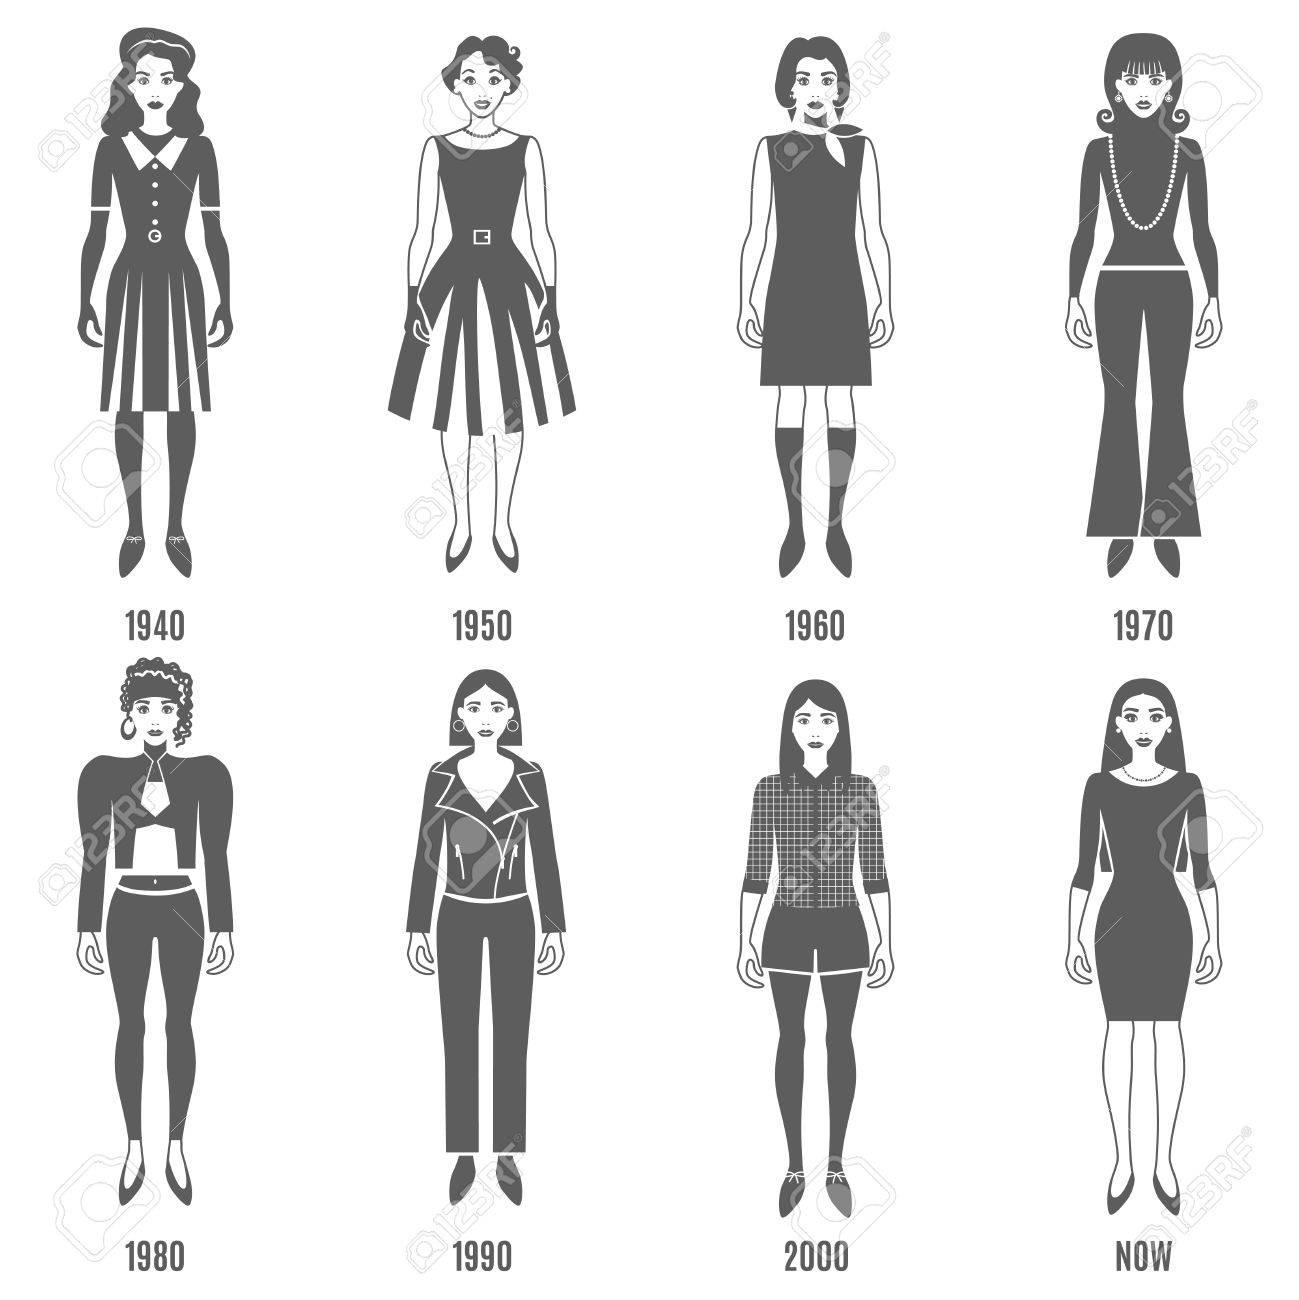 女性ファッションの黒白いアイコンを設定。ファッション開発ベクトル イラスト。女性ファッションの進化の装飾セット。 進化・ ファッション ・  デザインを設定します。ファッションの進化フラット分離セット。